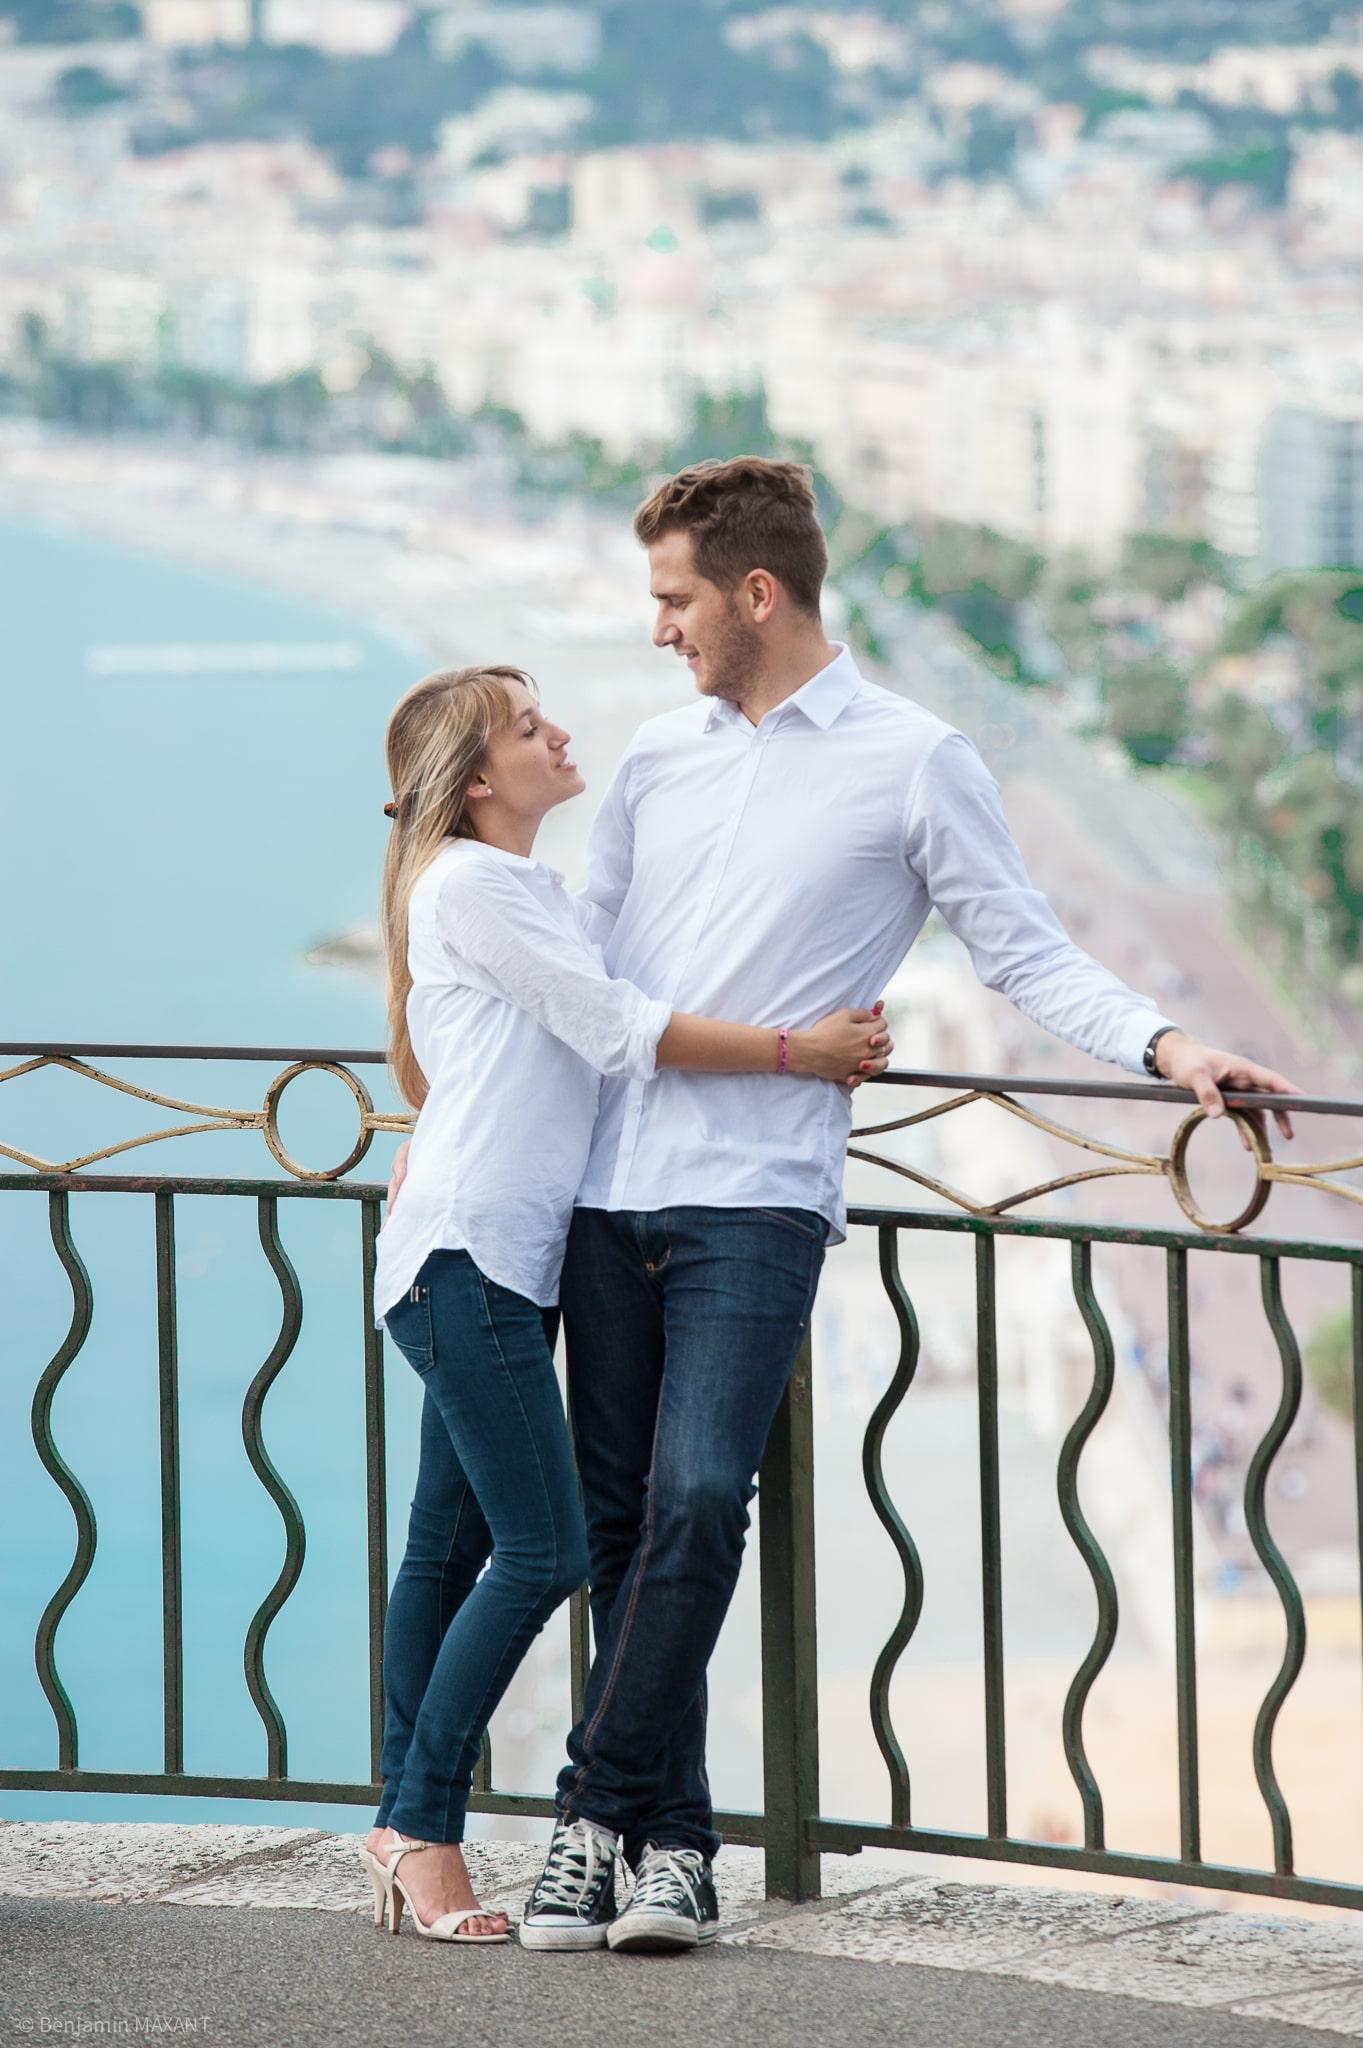 Couple engagement photo shoot